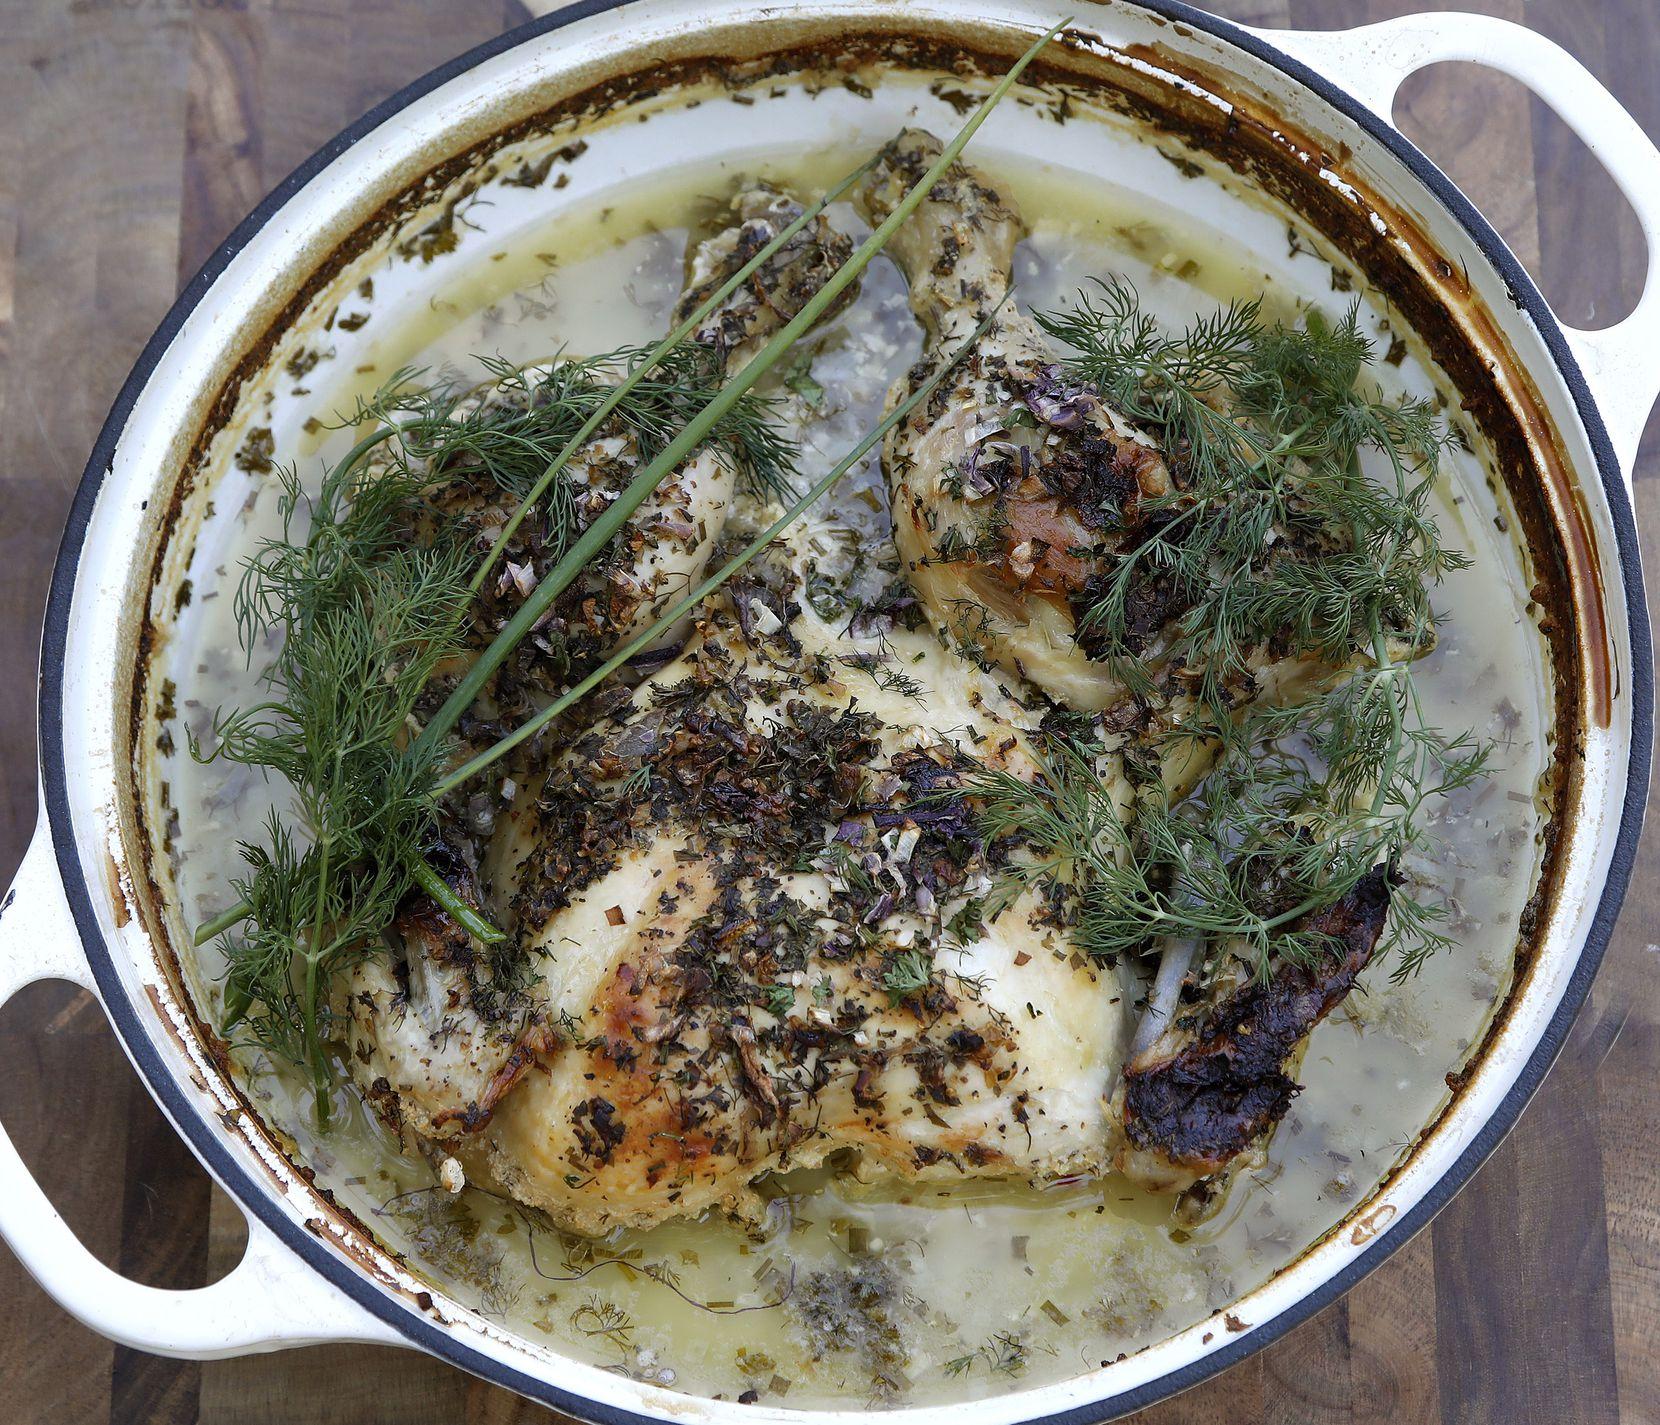 Buttermilk Braised Ranched Chicken with herb garnish